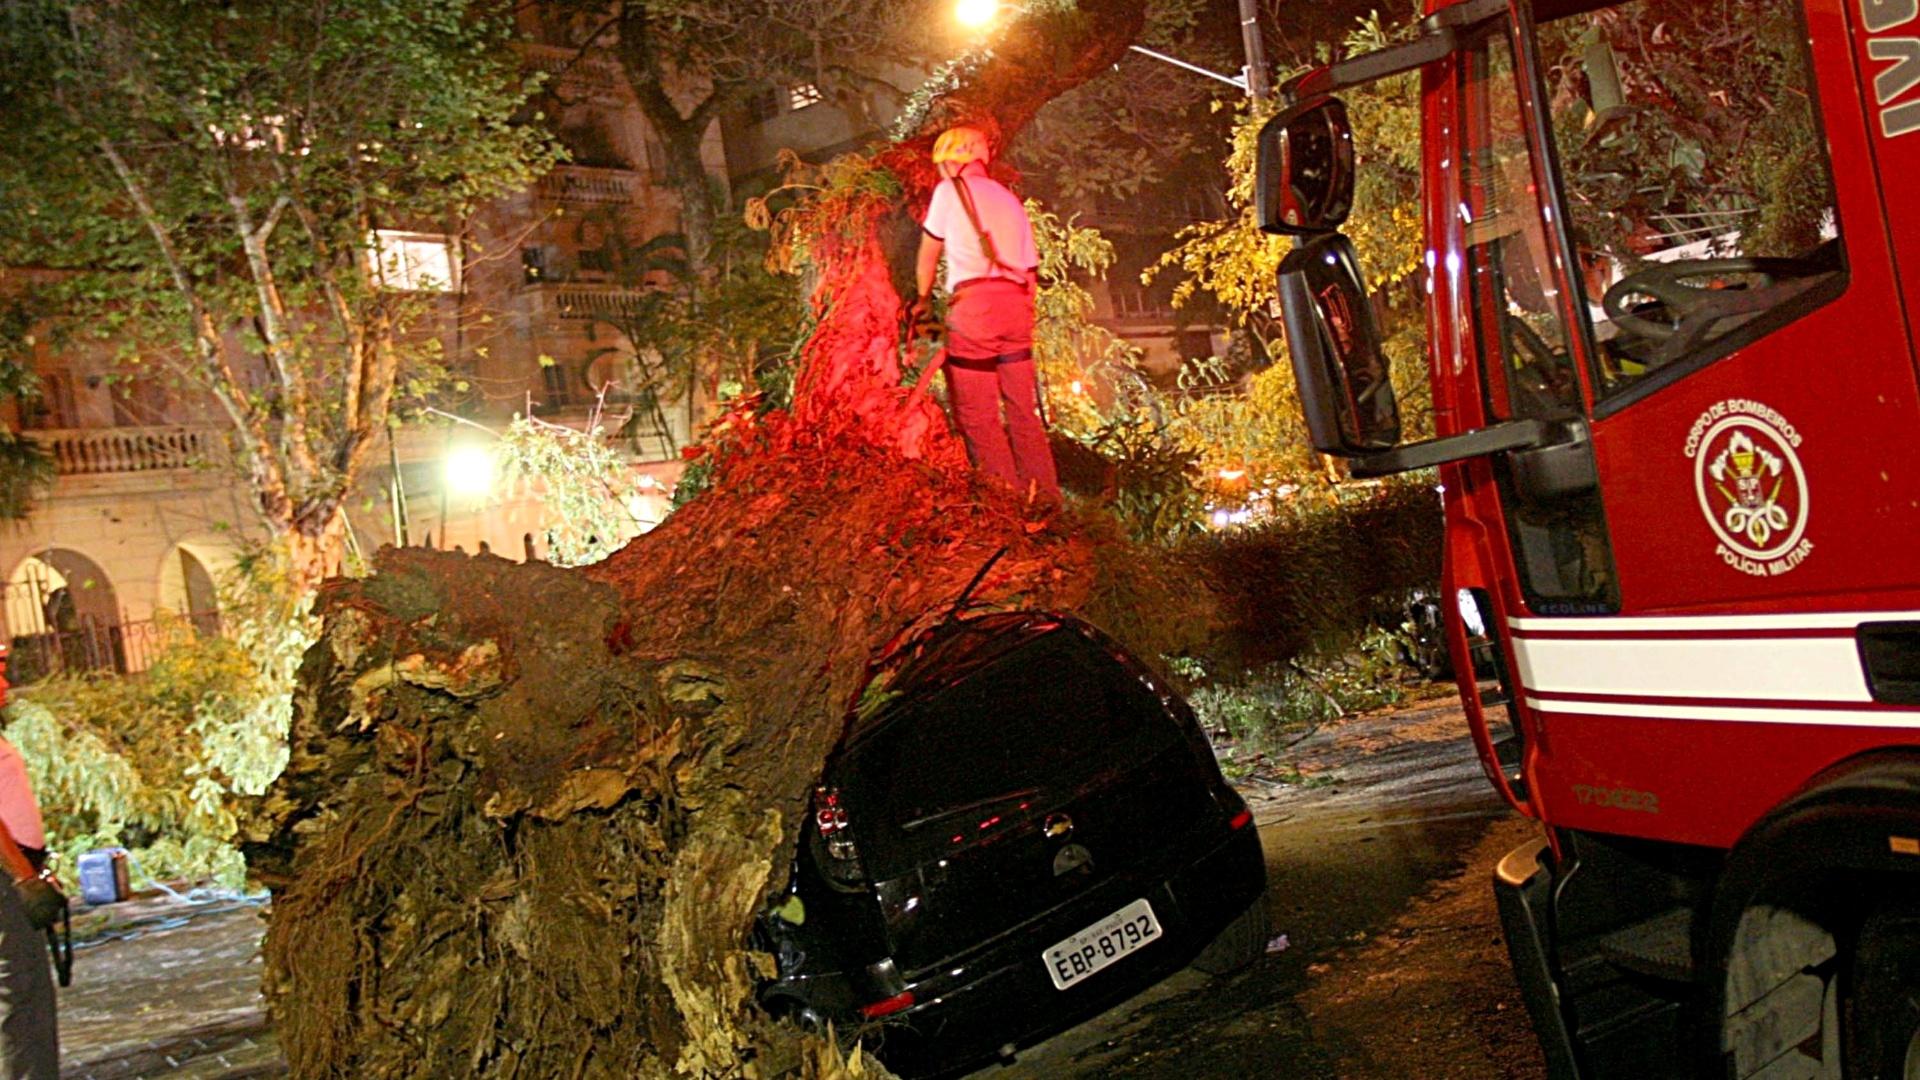 20.out.2014 - Homens do Corpo de Bombeiros trabalham no corte de árvore que caiu sobre um automóvel no bairro do Higienópolis, região central de São Paulo, na madrugada desta segunda-feira (20). A queda ocorrida pela chuva com ventos fortes não causou vítimas